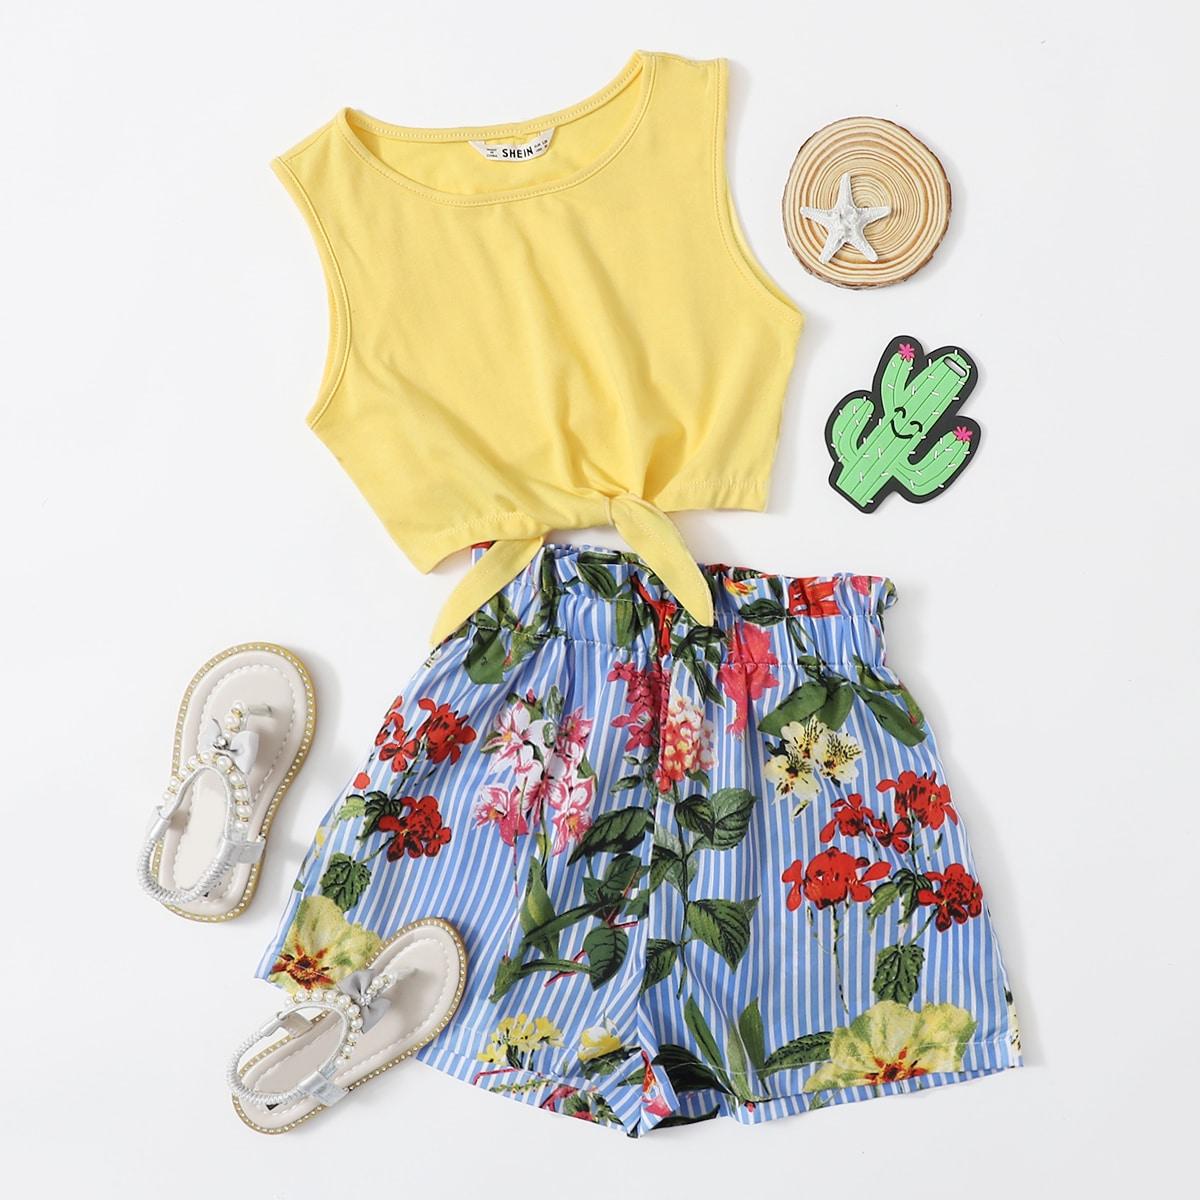 SHEIN / Top mit Knoten am Saum & Shorts mit Papiertasche um die Taille und botanischem & Streifen Muster Set